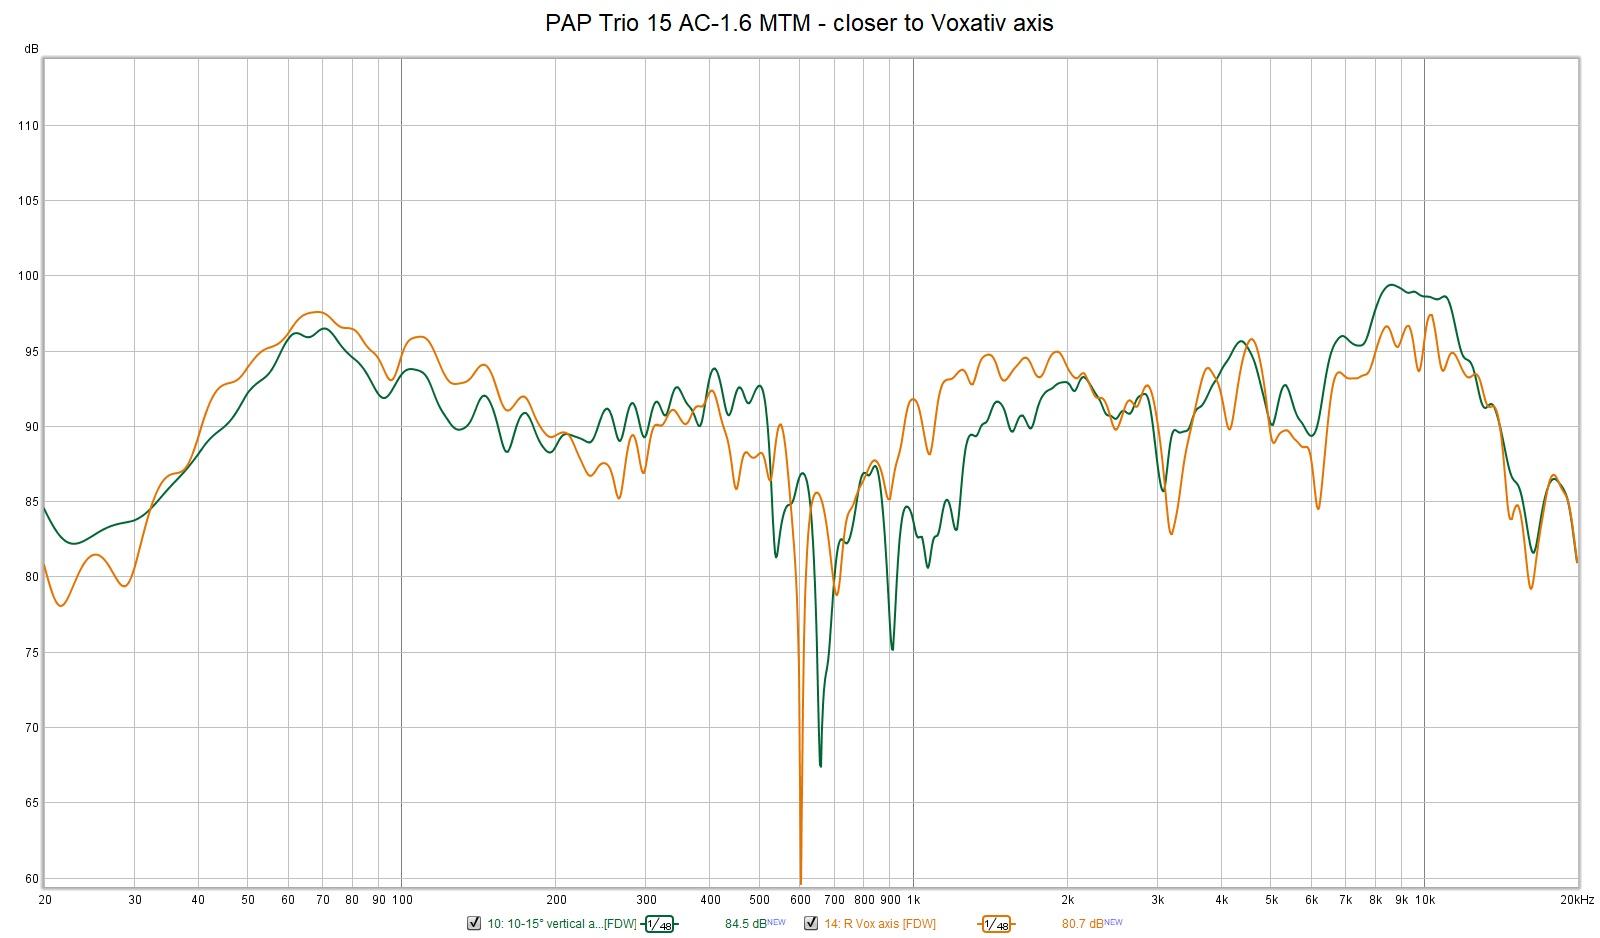 PAP Trio 15 AC-1.6 MTM - closer to Voxativ axis.jpg